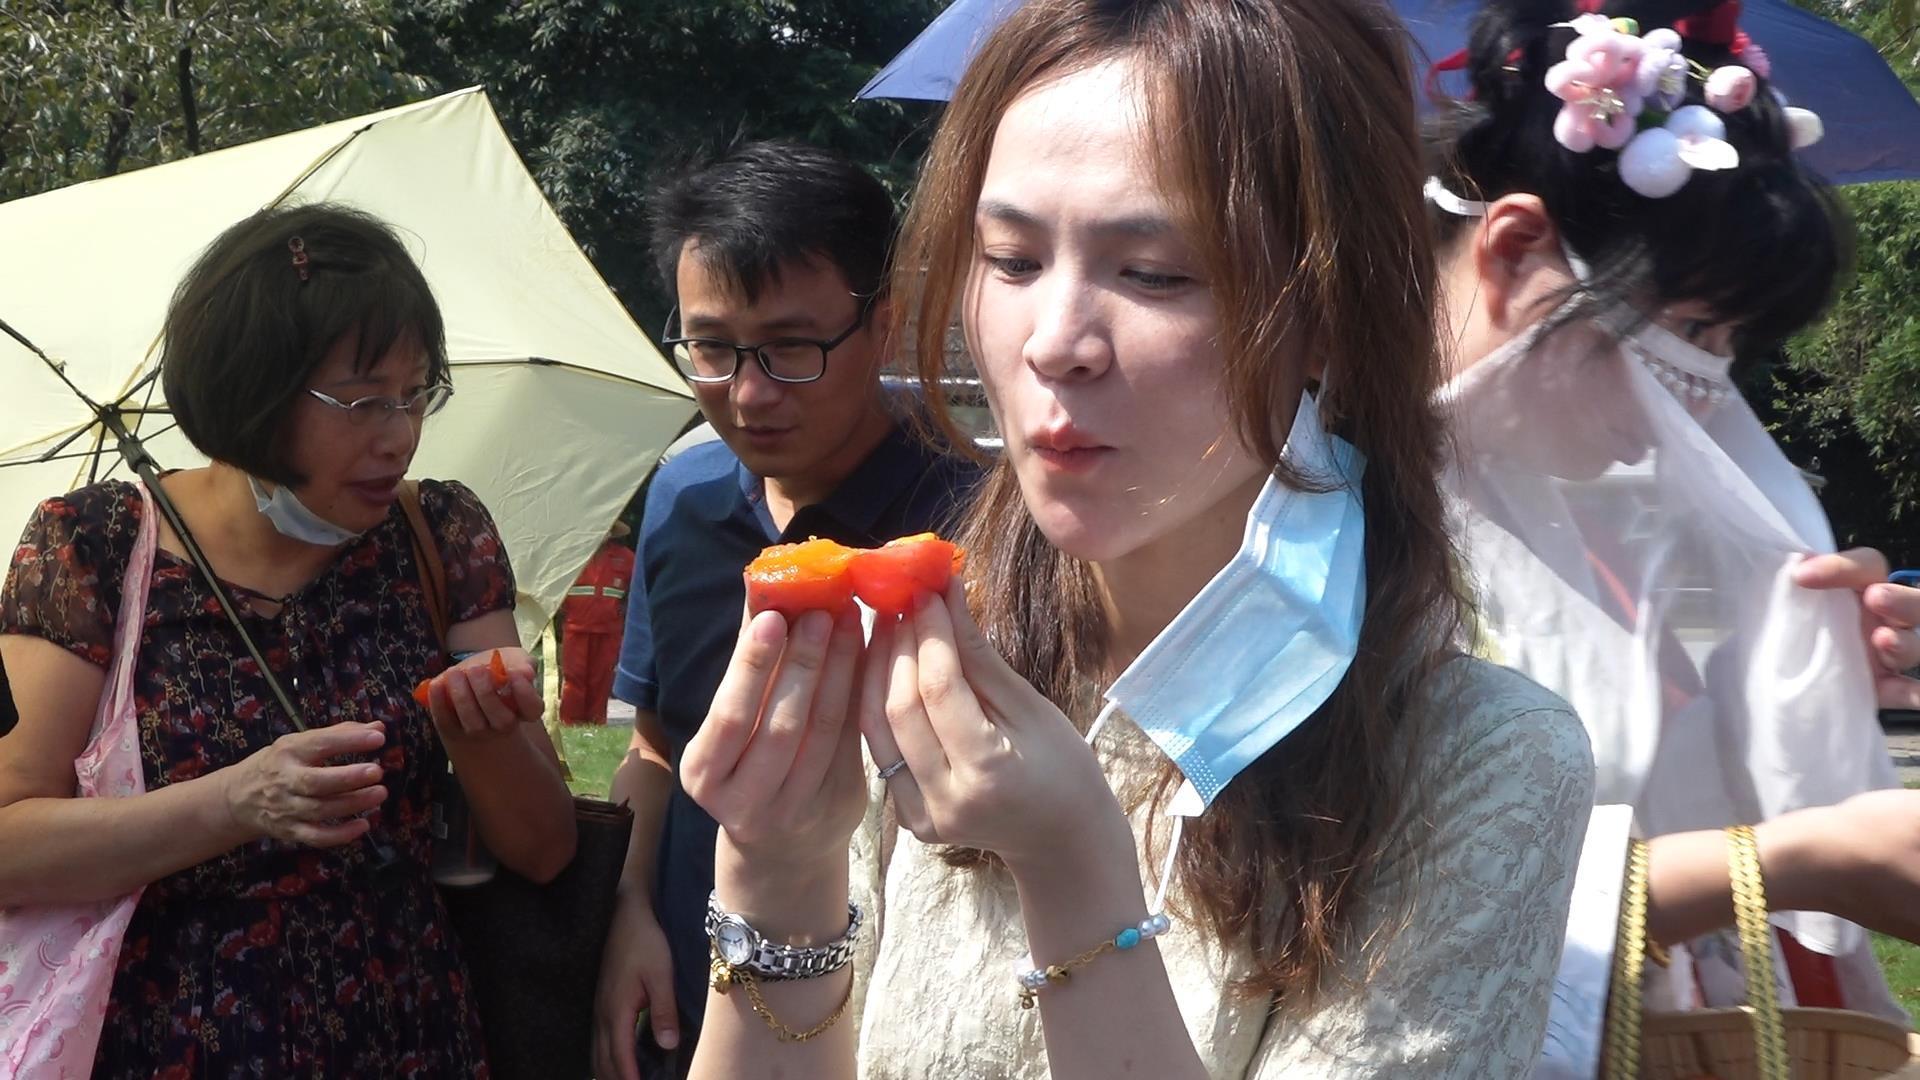 游客们在现场品尝火柿 尚天宇 摄